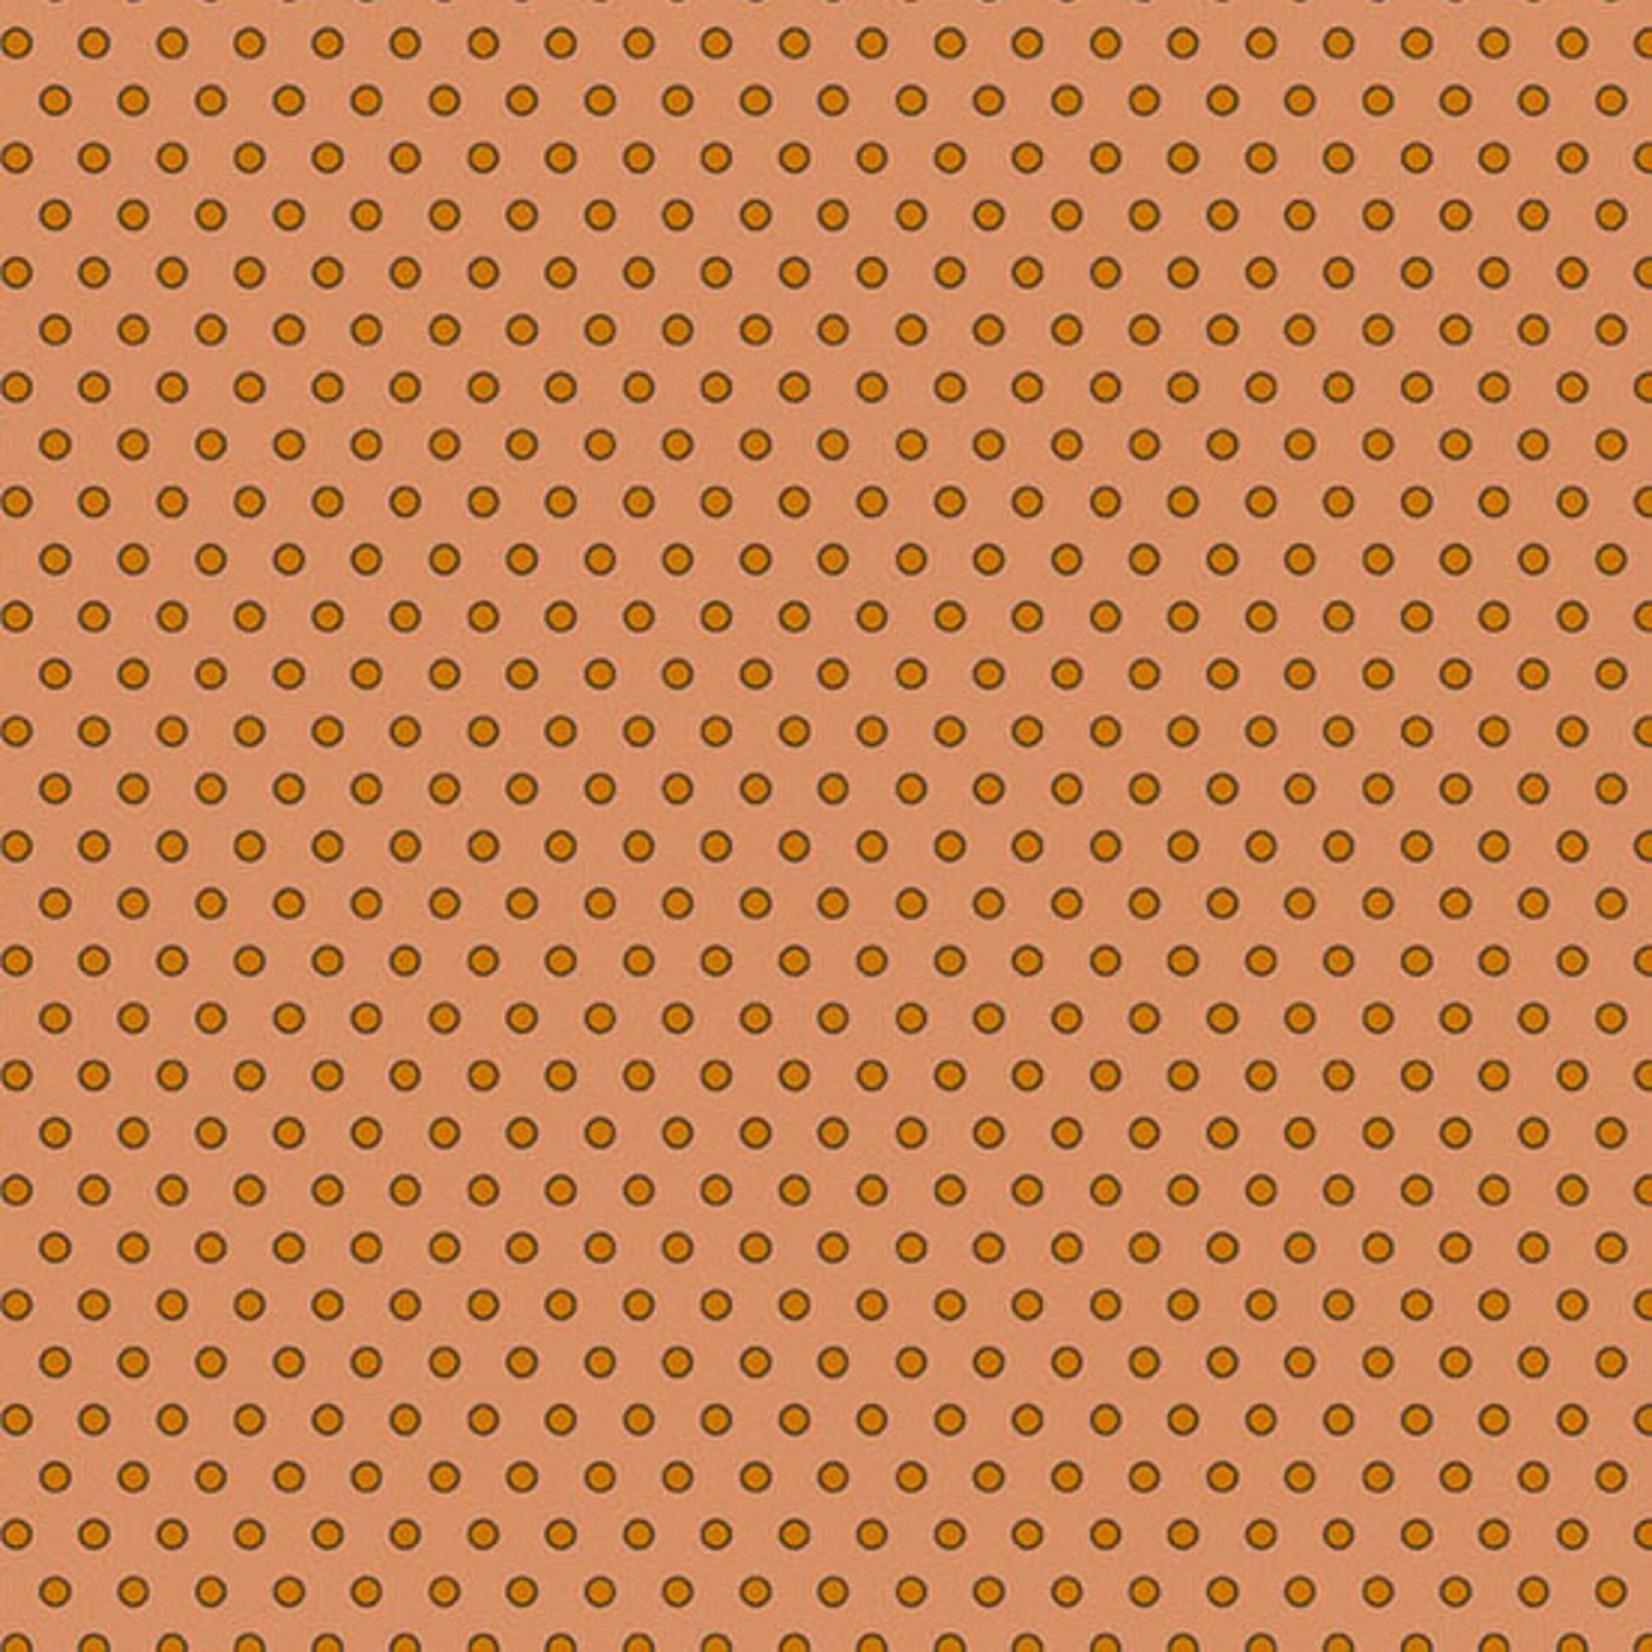 Edyta Sitar Secret Stash - Warms, Dot Dot Dot, Orange (8624-O) $0.20 per cm or $20/m